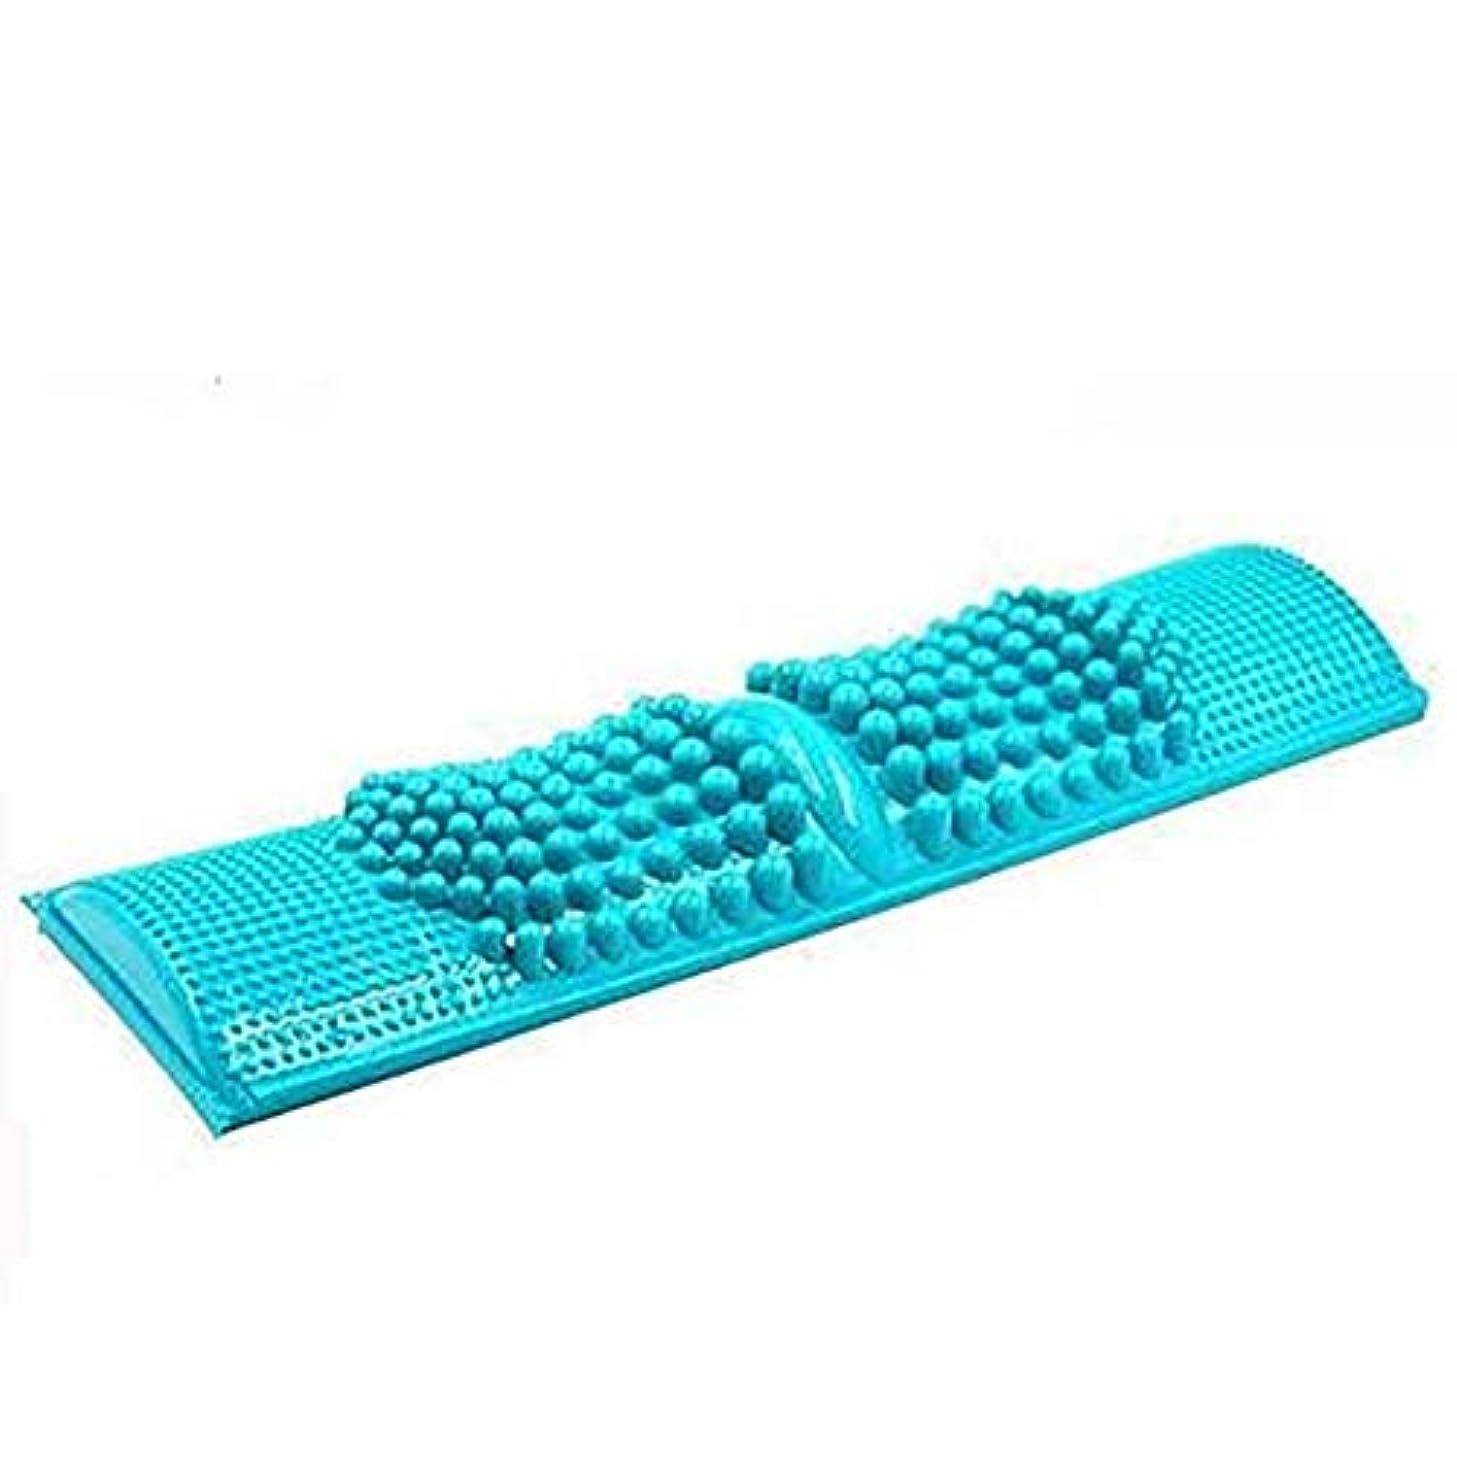 受付布ルーフ簡単に健康維持 大サイズ 足つぼマッサージ 足 踏み 足裏 刺激 血行促進 ブルー